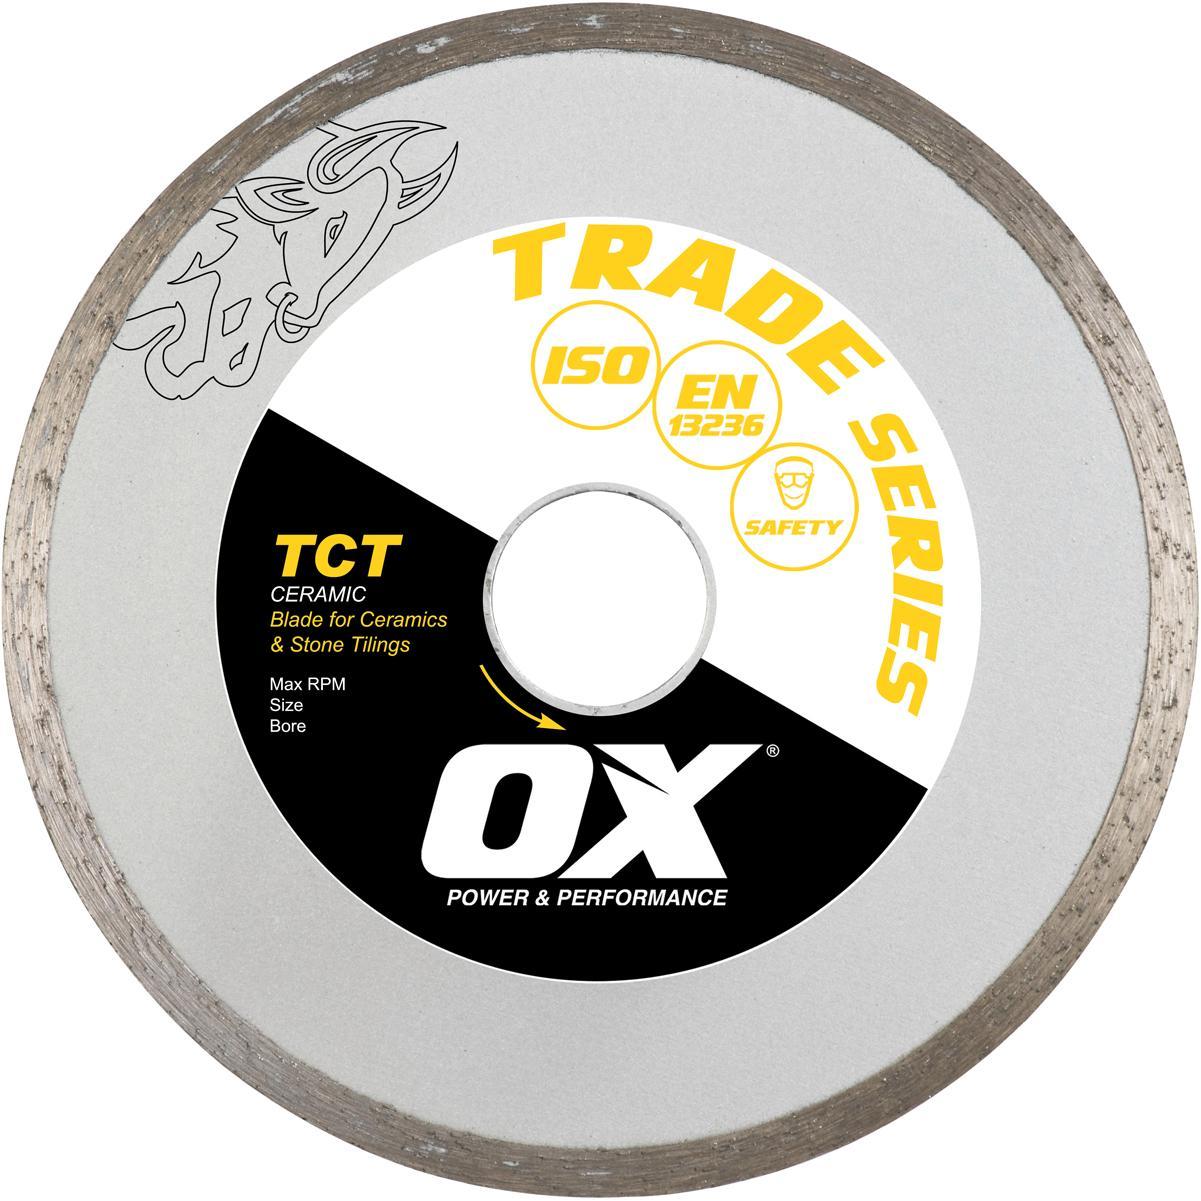 OX Trade 14 Ceramic Blade